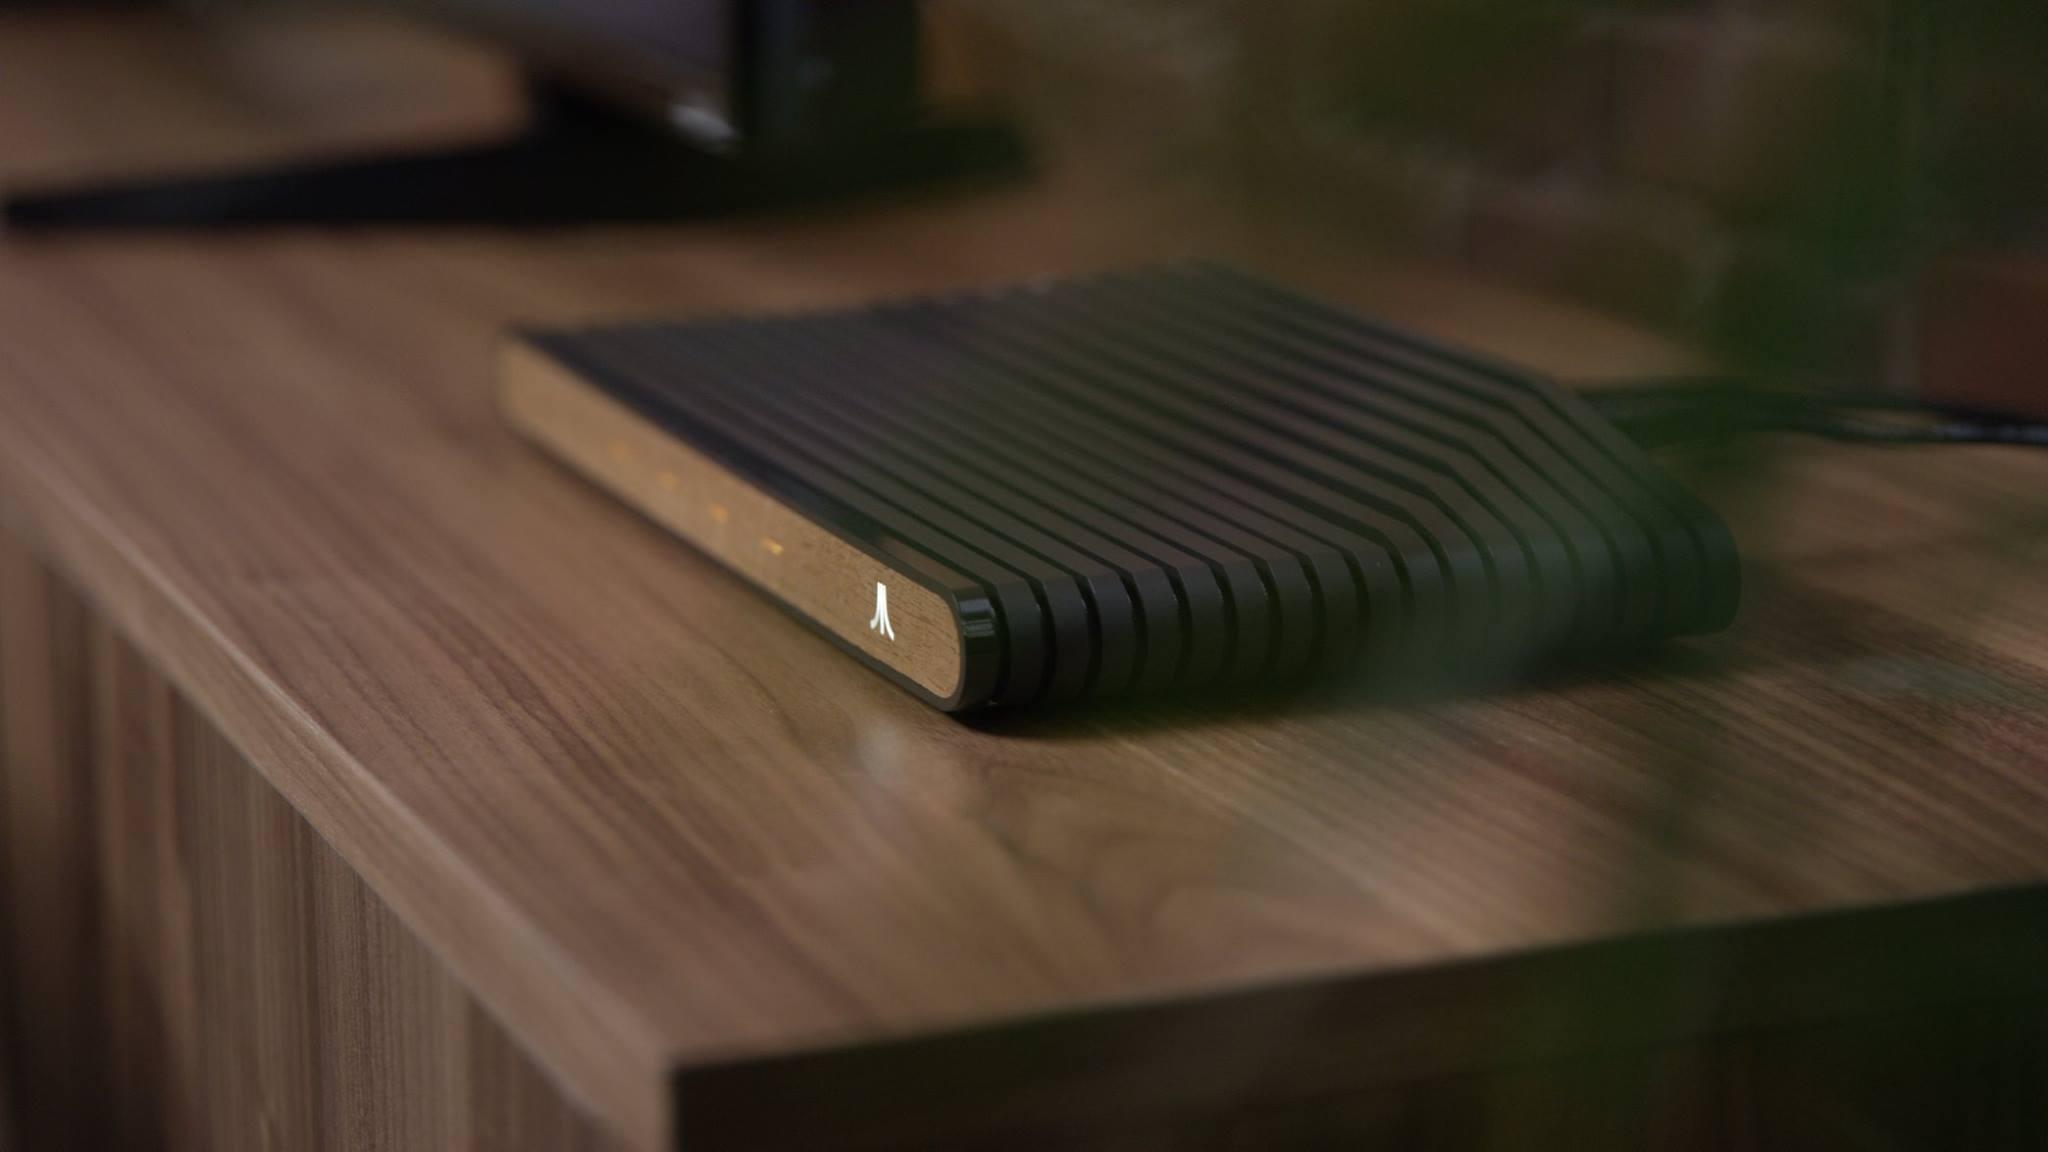 An Ataribox console